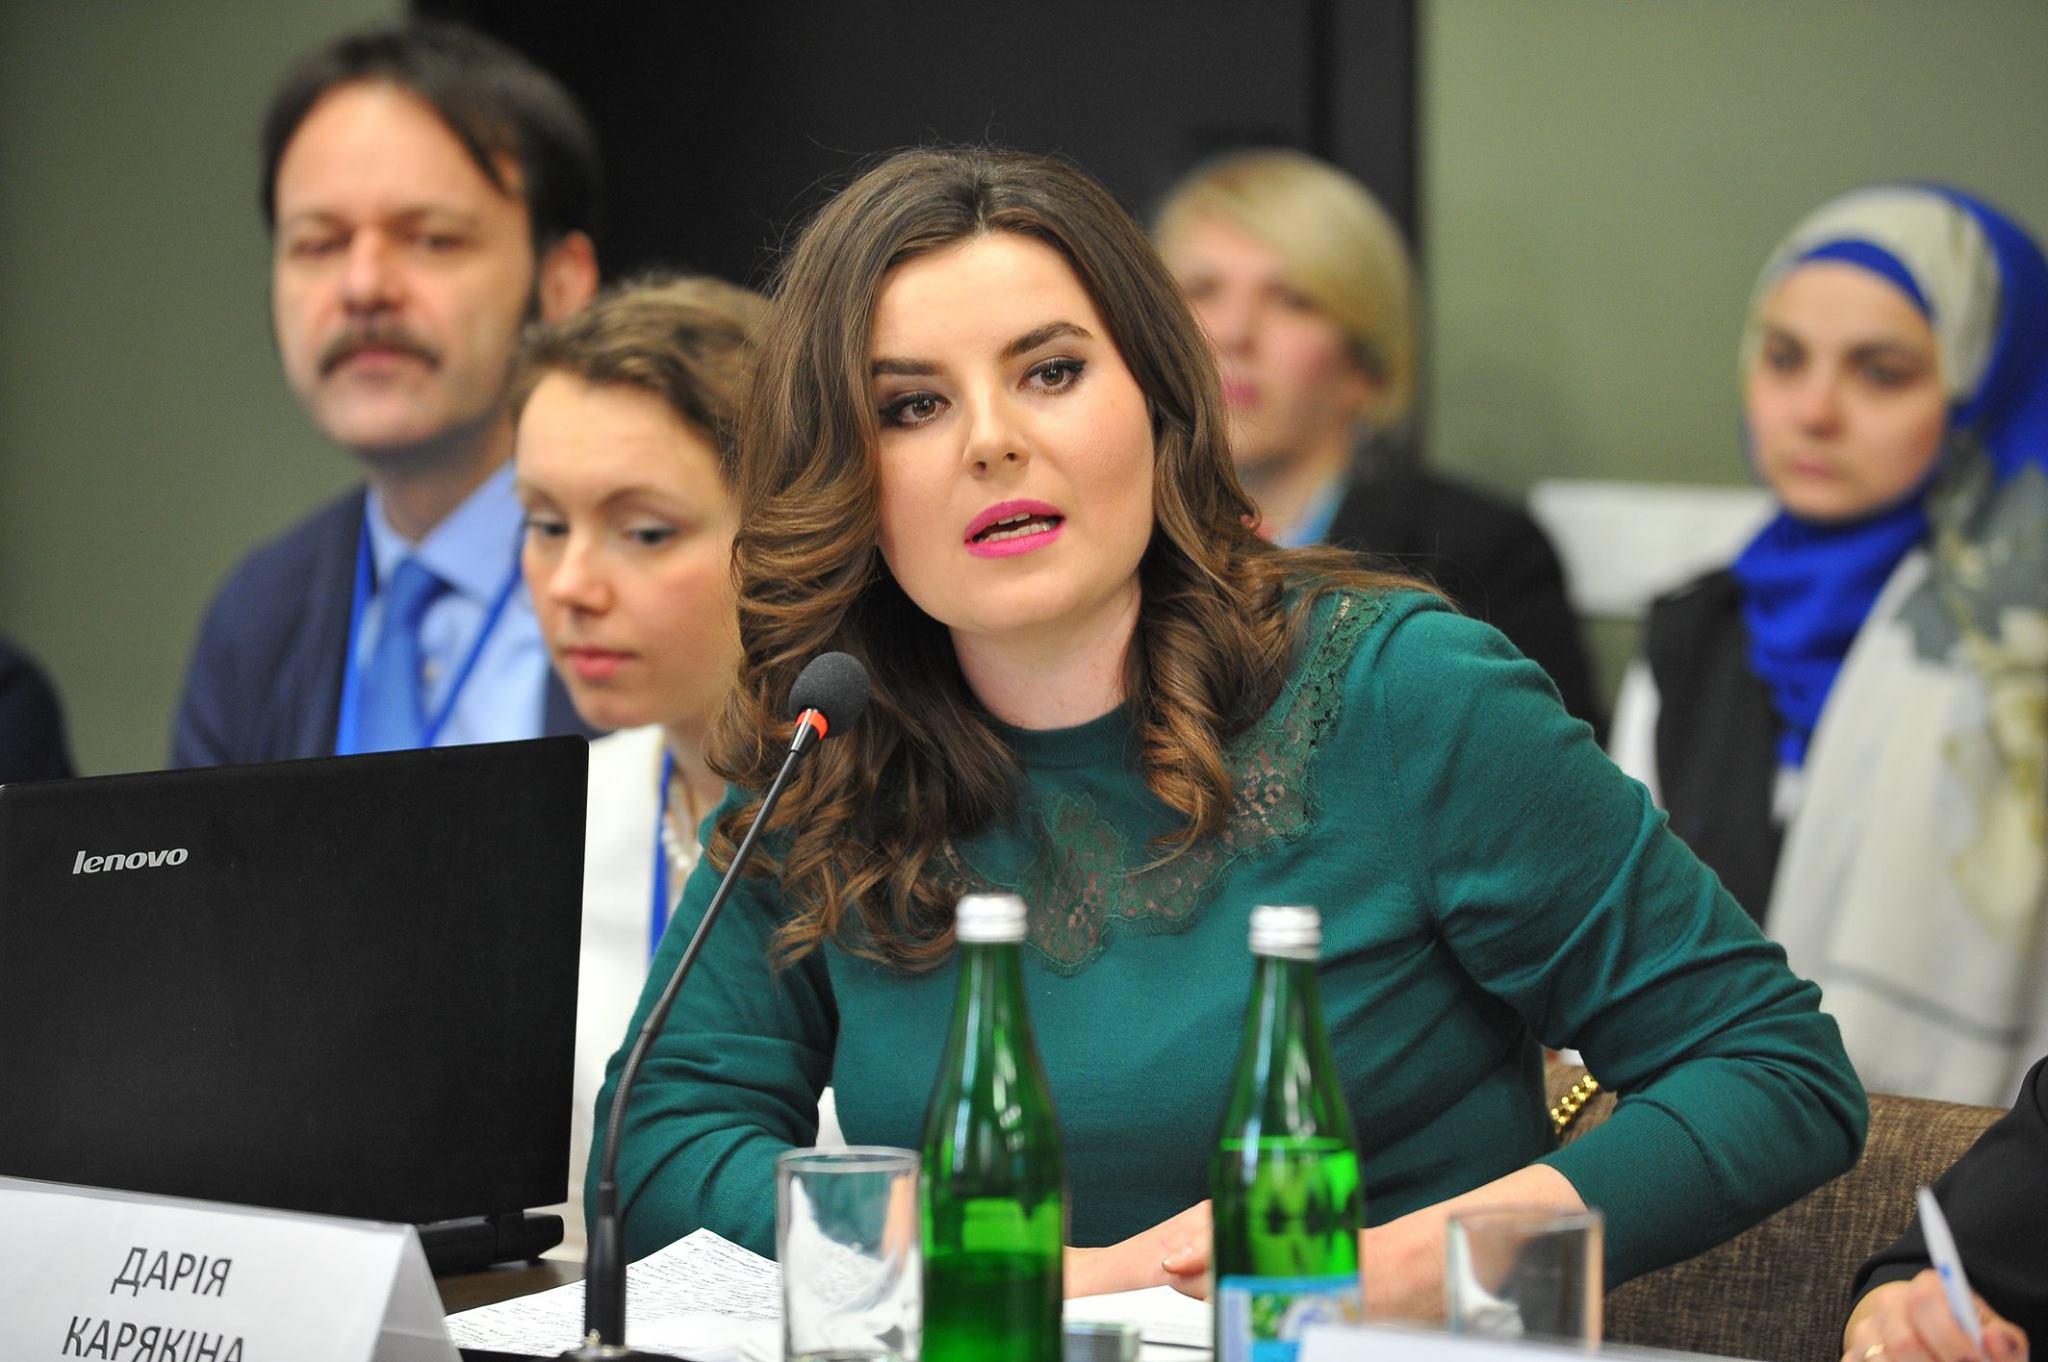 Член наблюдательного совета НОТУ в сфере обеспечения прав национальных меньшинств Дарья Карякина / Источник: Facebook